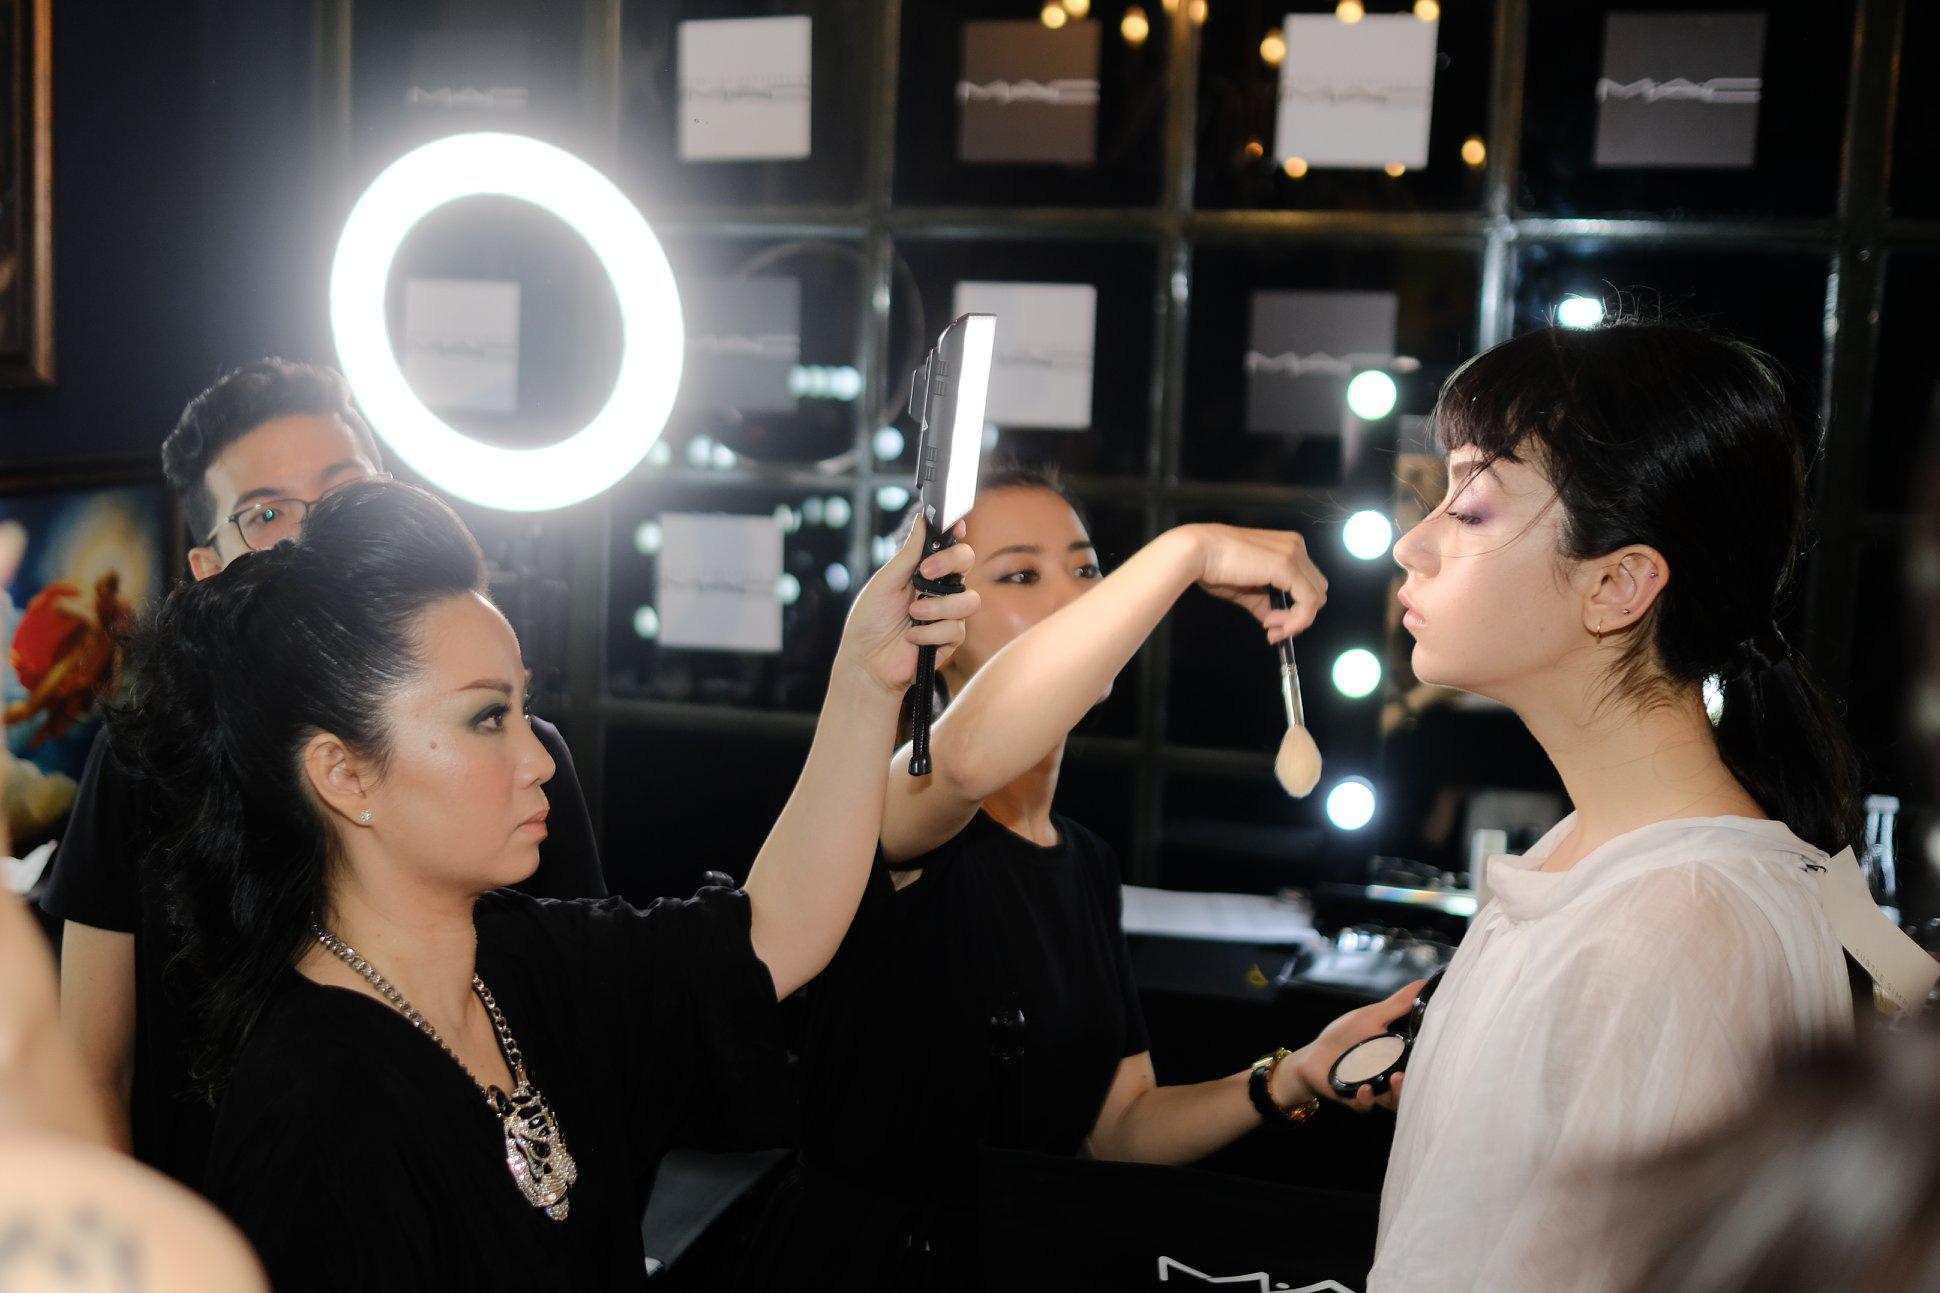 """Thanh Phan - Rời khỏi tập đoàn mỹ phẩm quyền lực thế giới để thành """"phù thủy"""" trang điểm, tự xây đế chế làm đẹp của riêng mình tại Sài Gòn - Ảnh 3."""